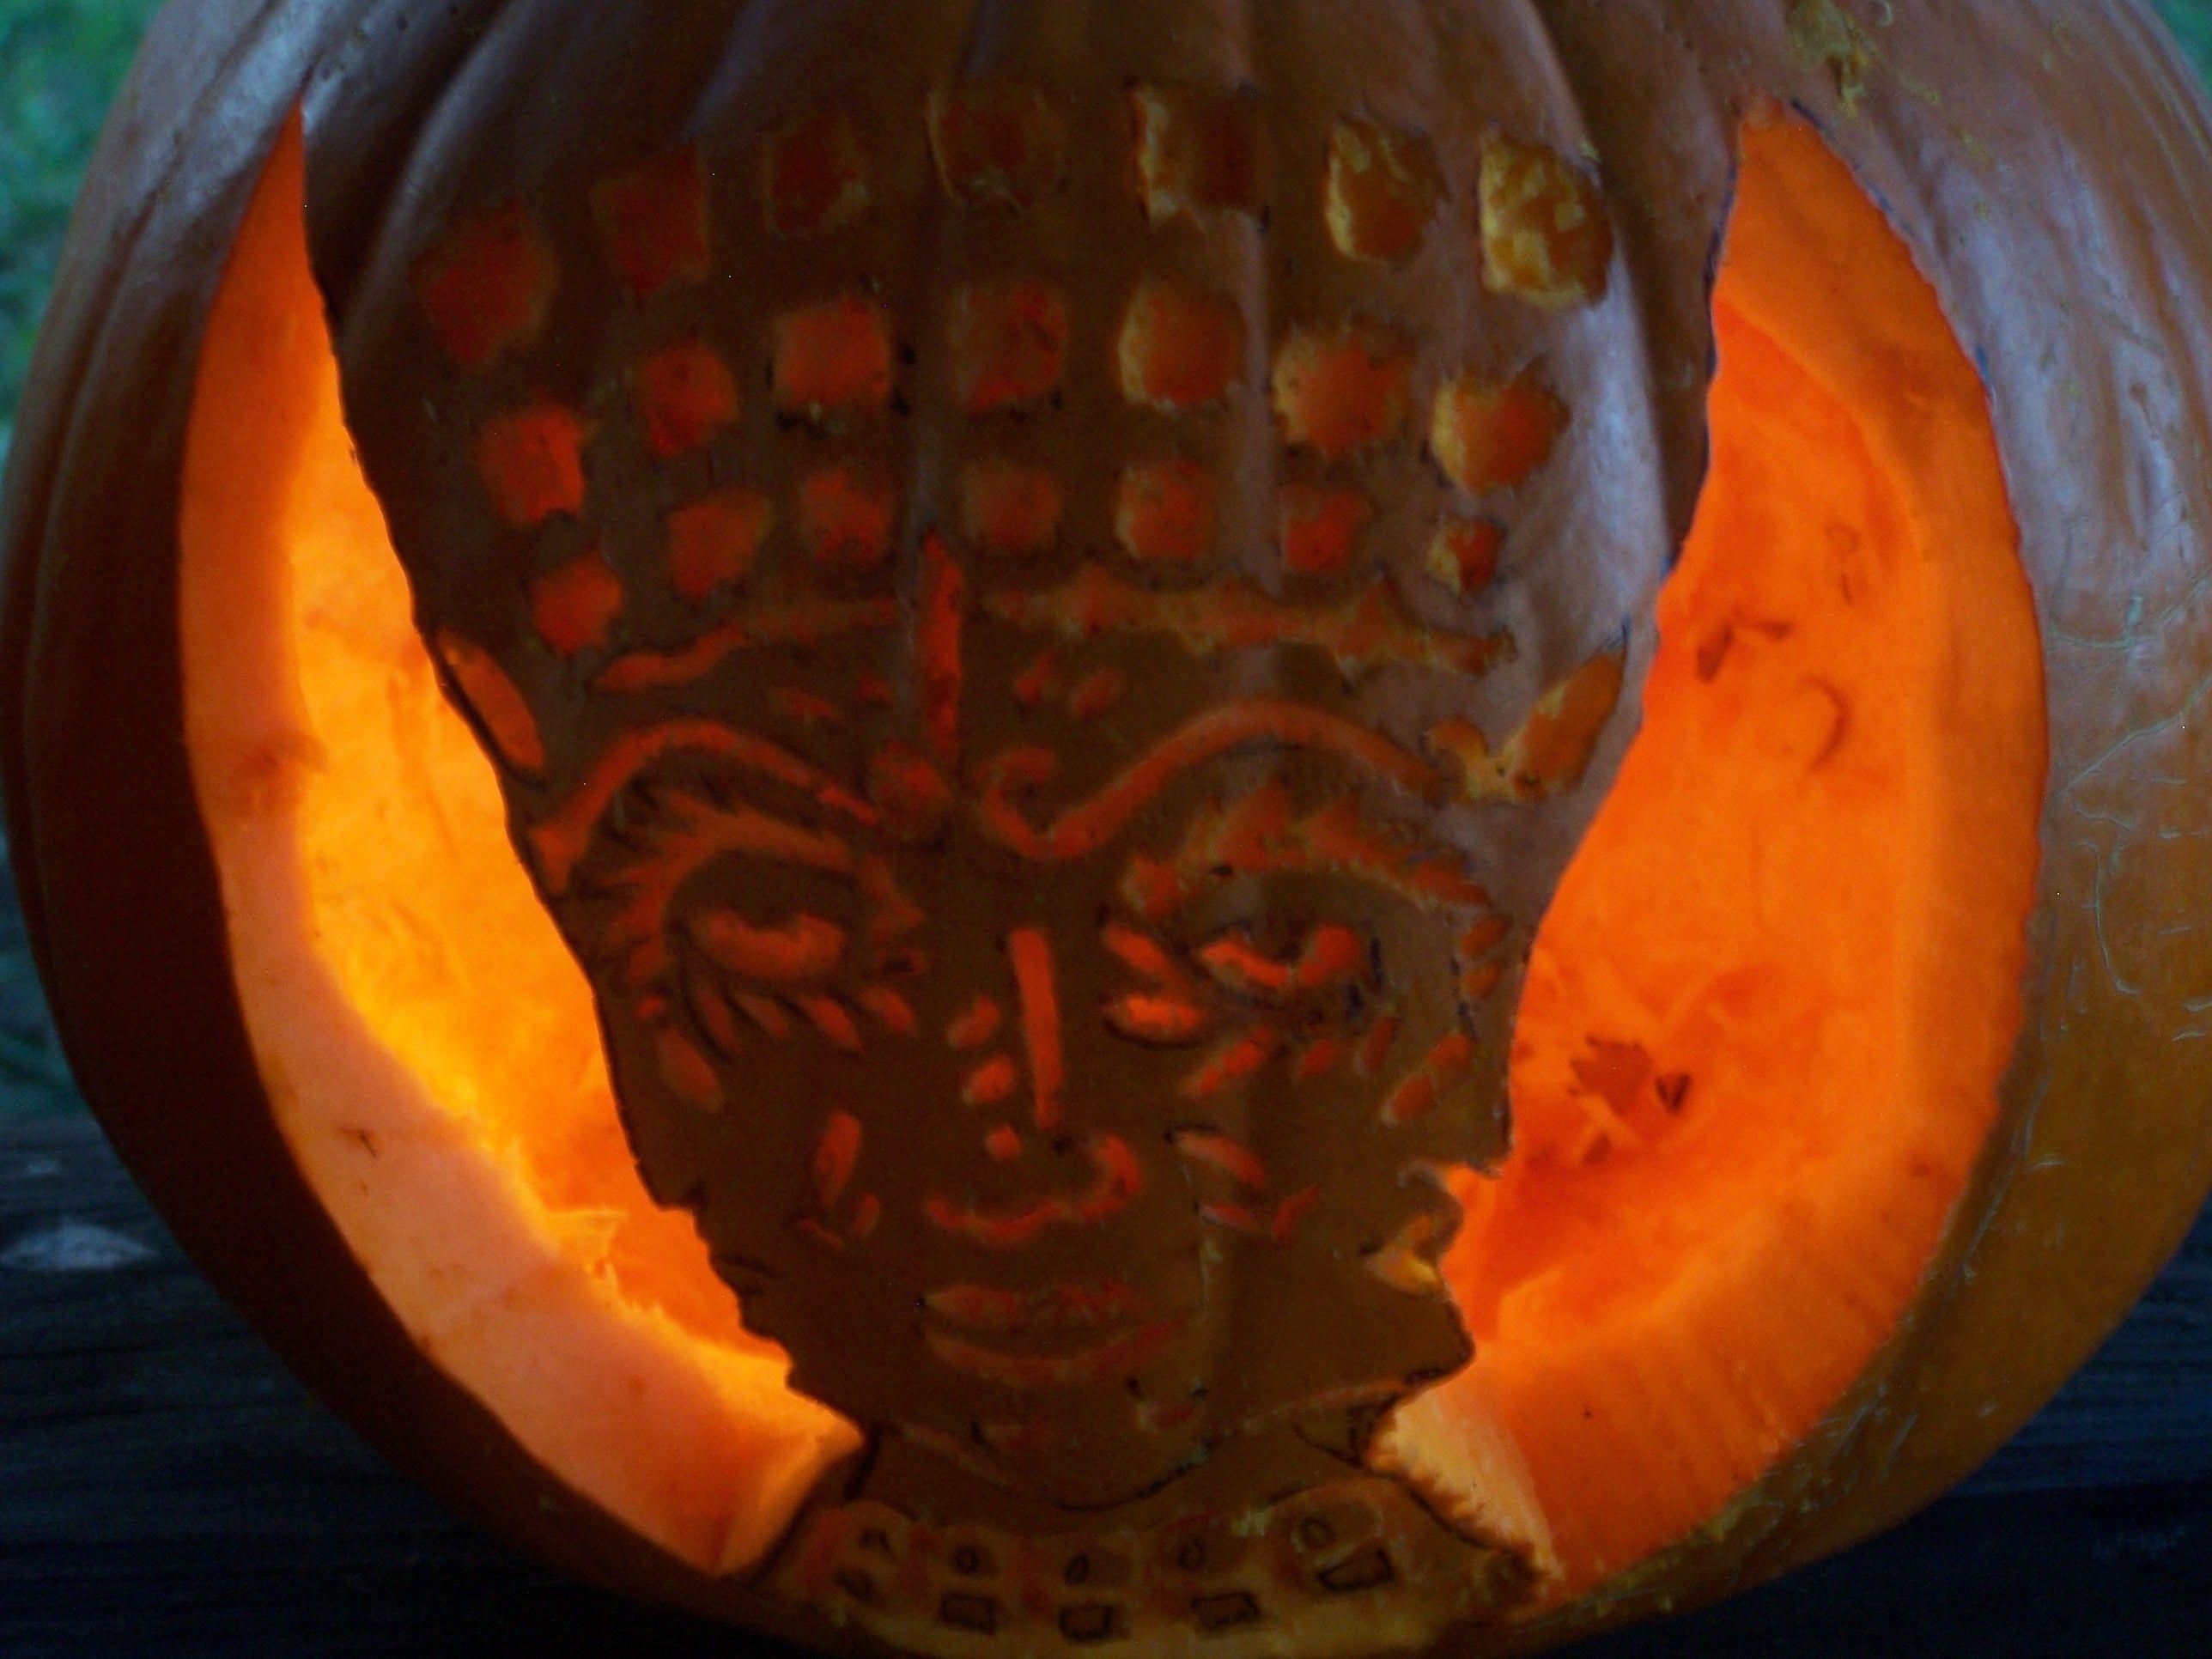 Alex and the Halloween Pumpkin